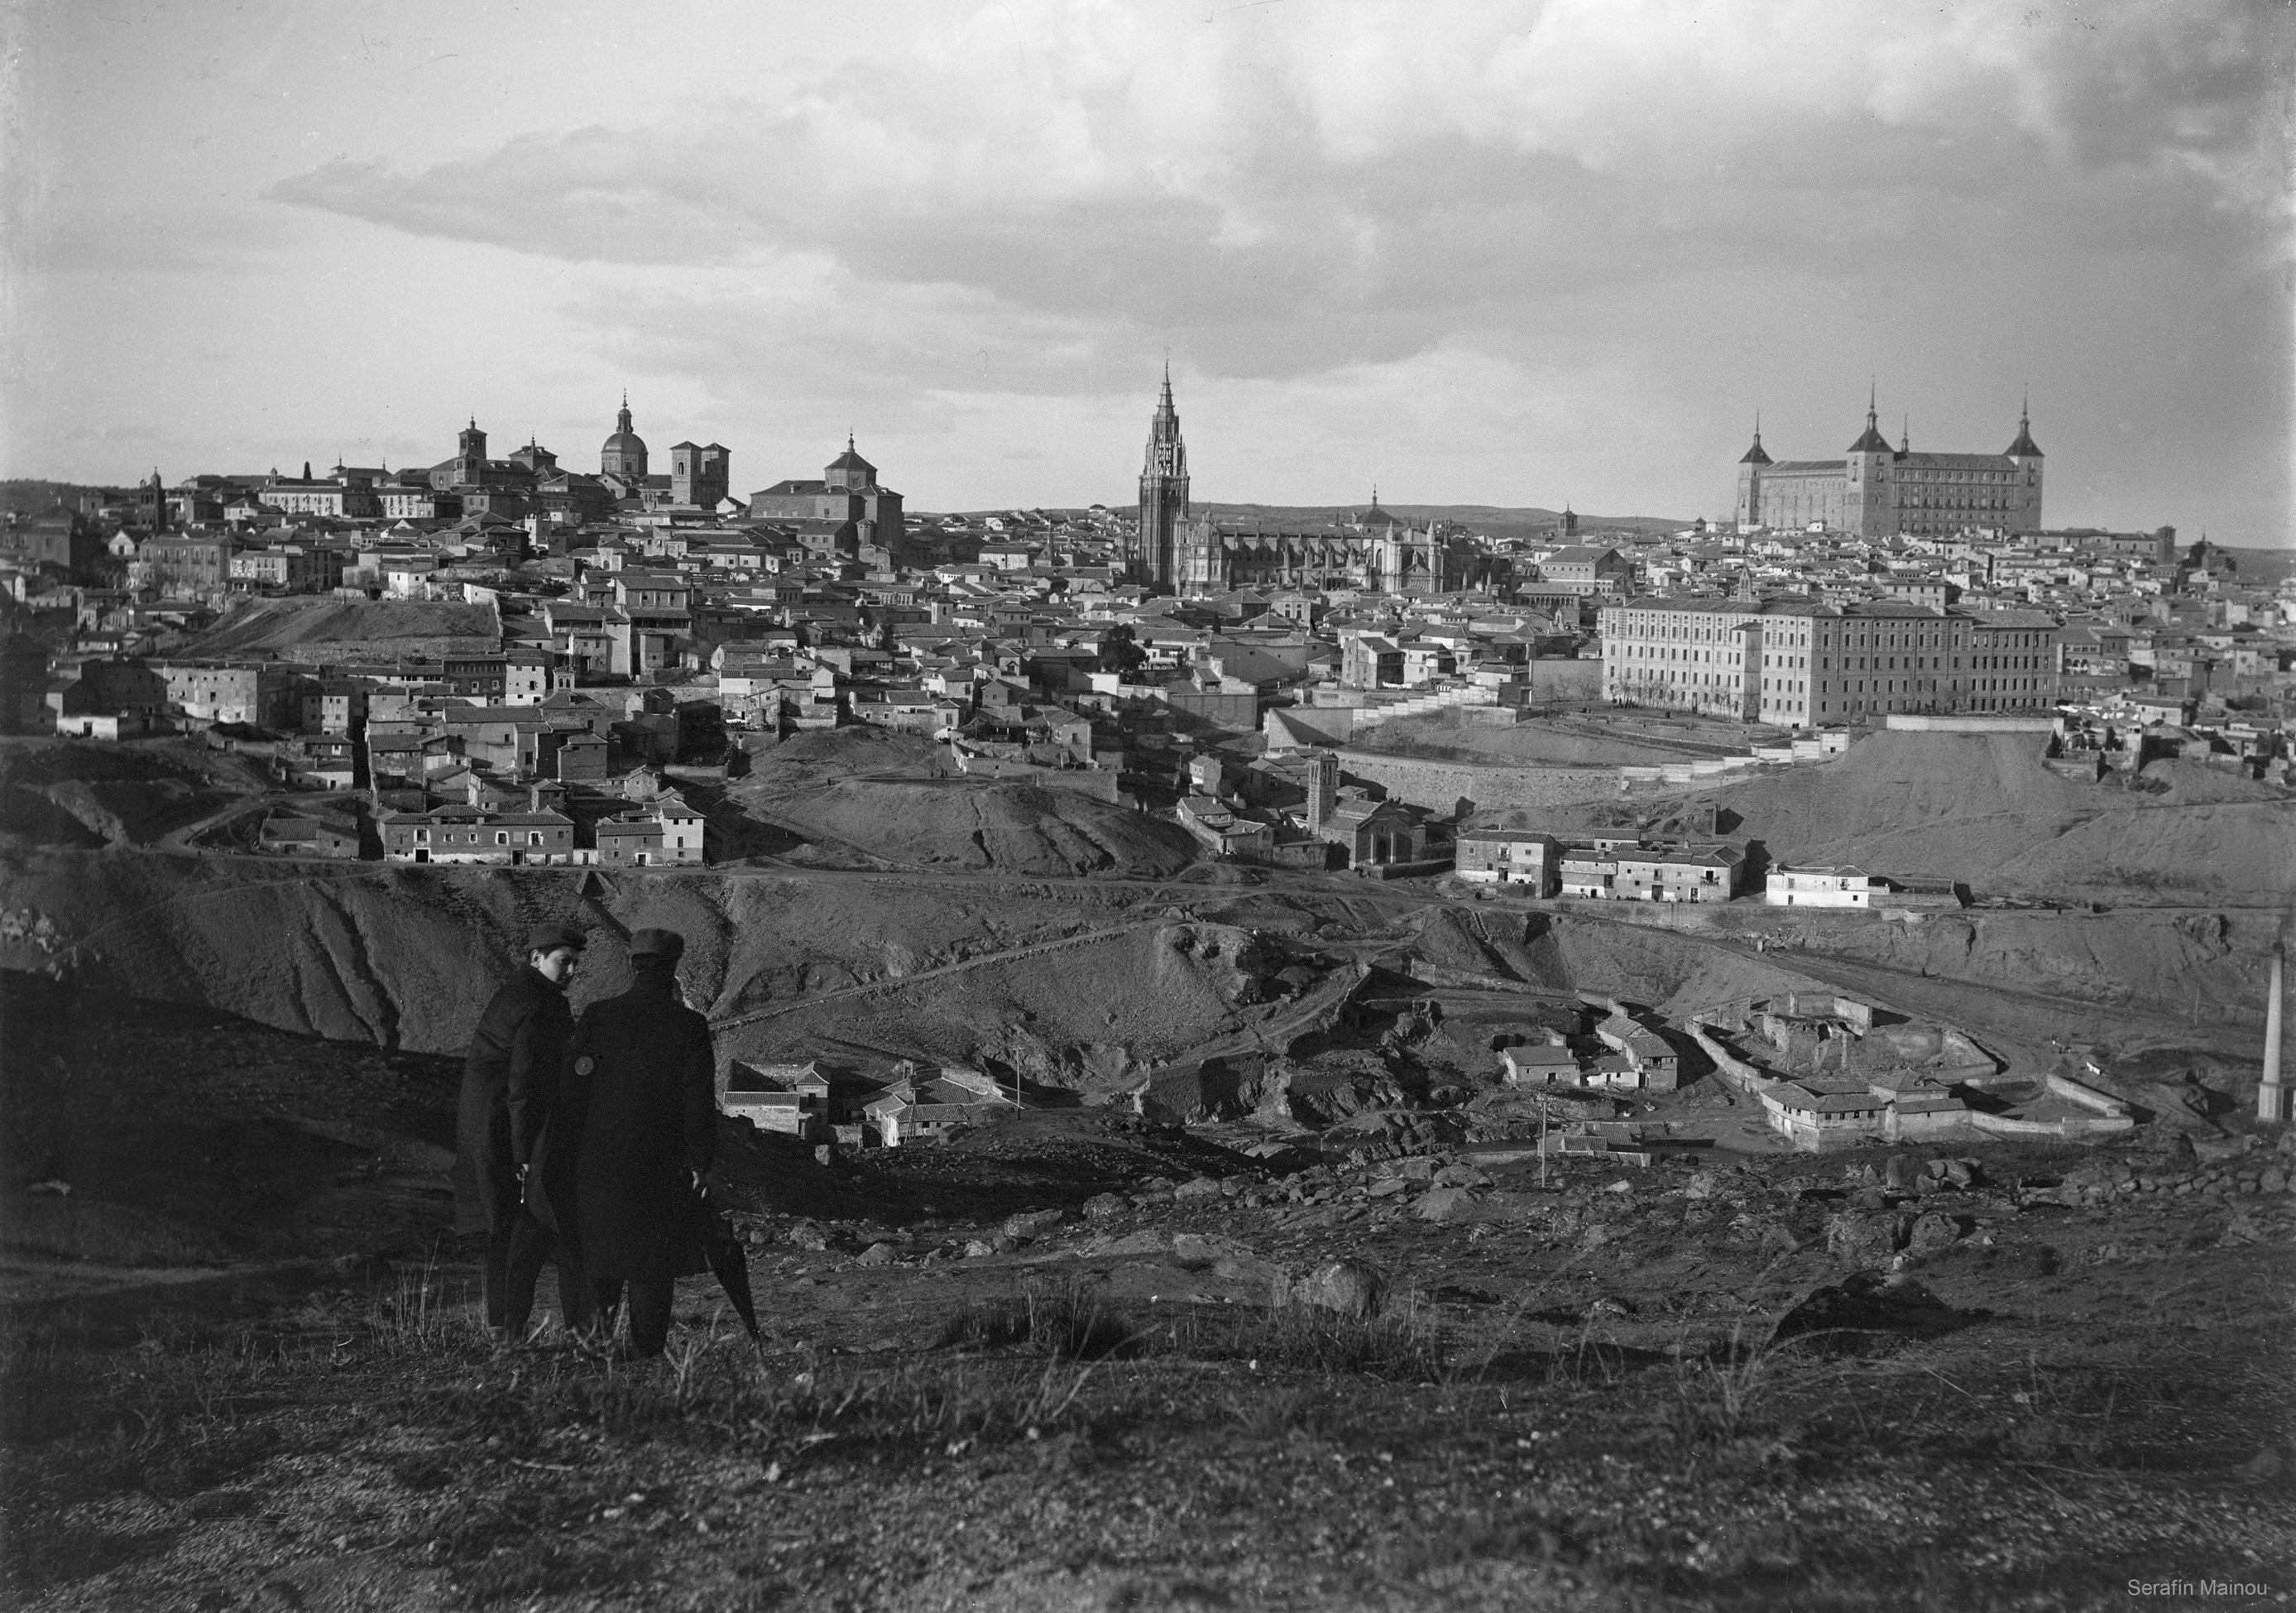 Vista general de Toledo hacia 1903. Fotografía de Serafín Mainou © Colección de Juan Modolell